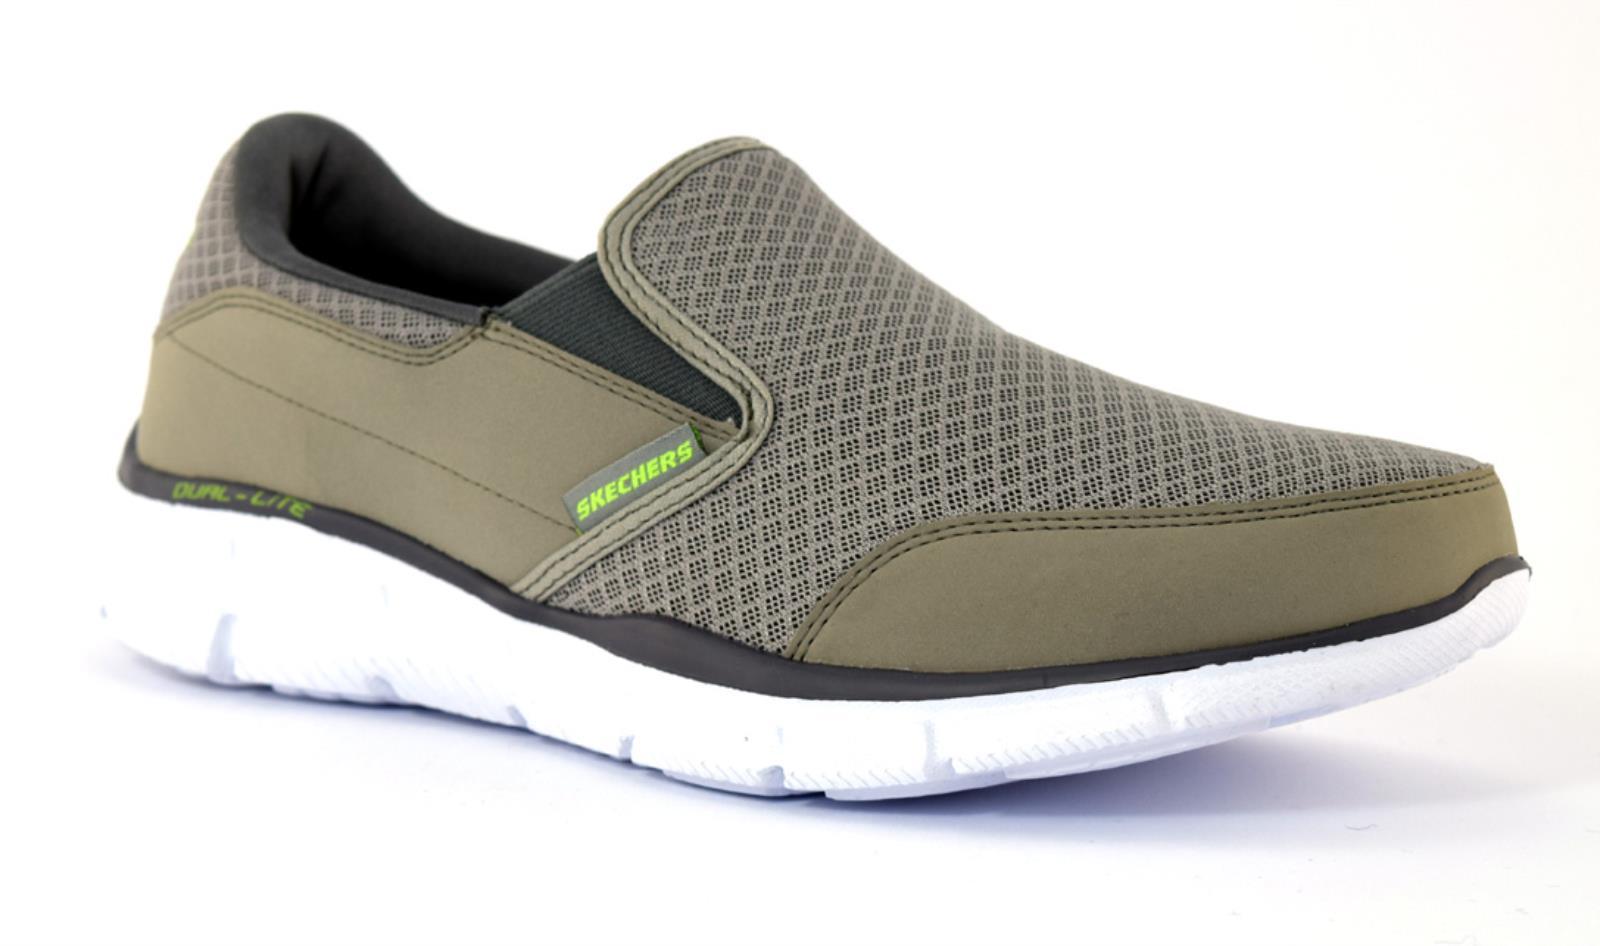 Skechers 51361 Persistent Gray Scarpe Uomo Memory Foam Sportiveslip On 44.  Informazioni su questo prodotto. Foto 1 di 2  Foto 2 di 2 cf9e2519ead